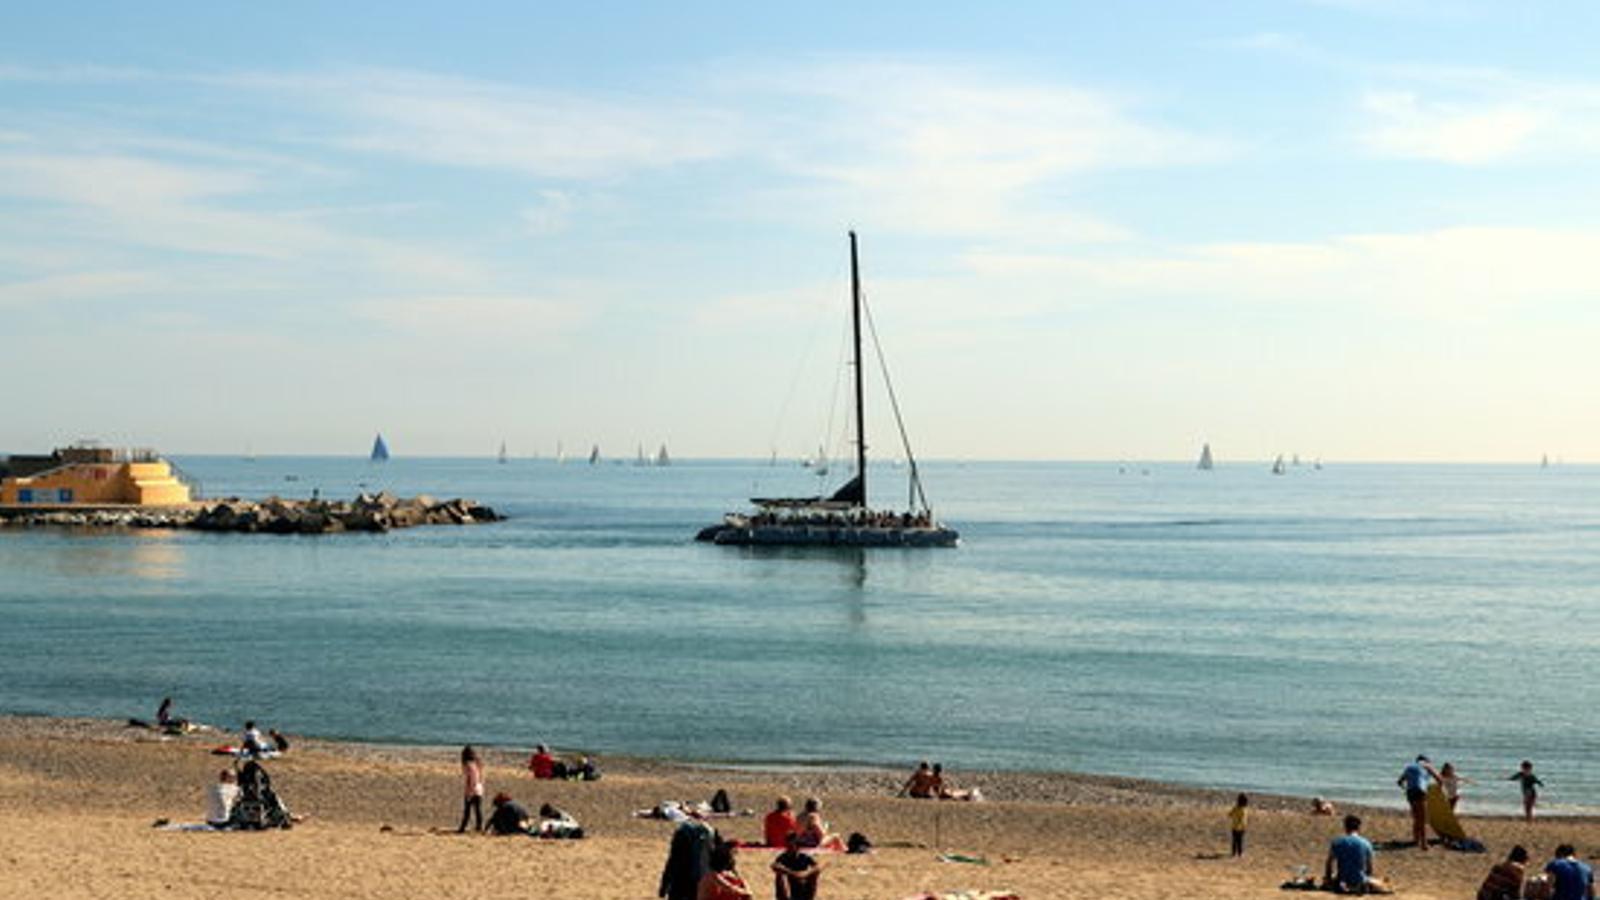 Les platges catalanes obtenen 97 banderes blaves, quatre menys que l'any anterior